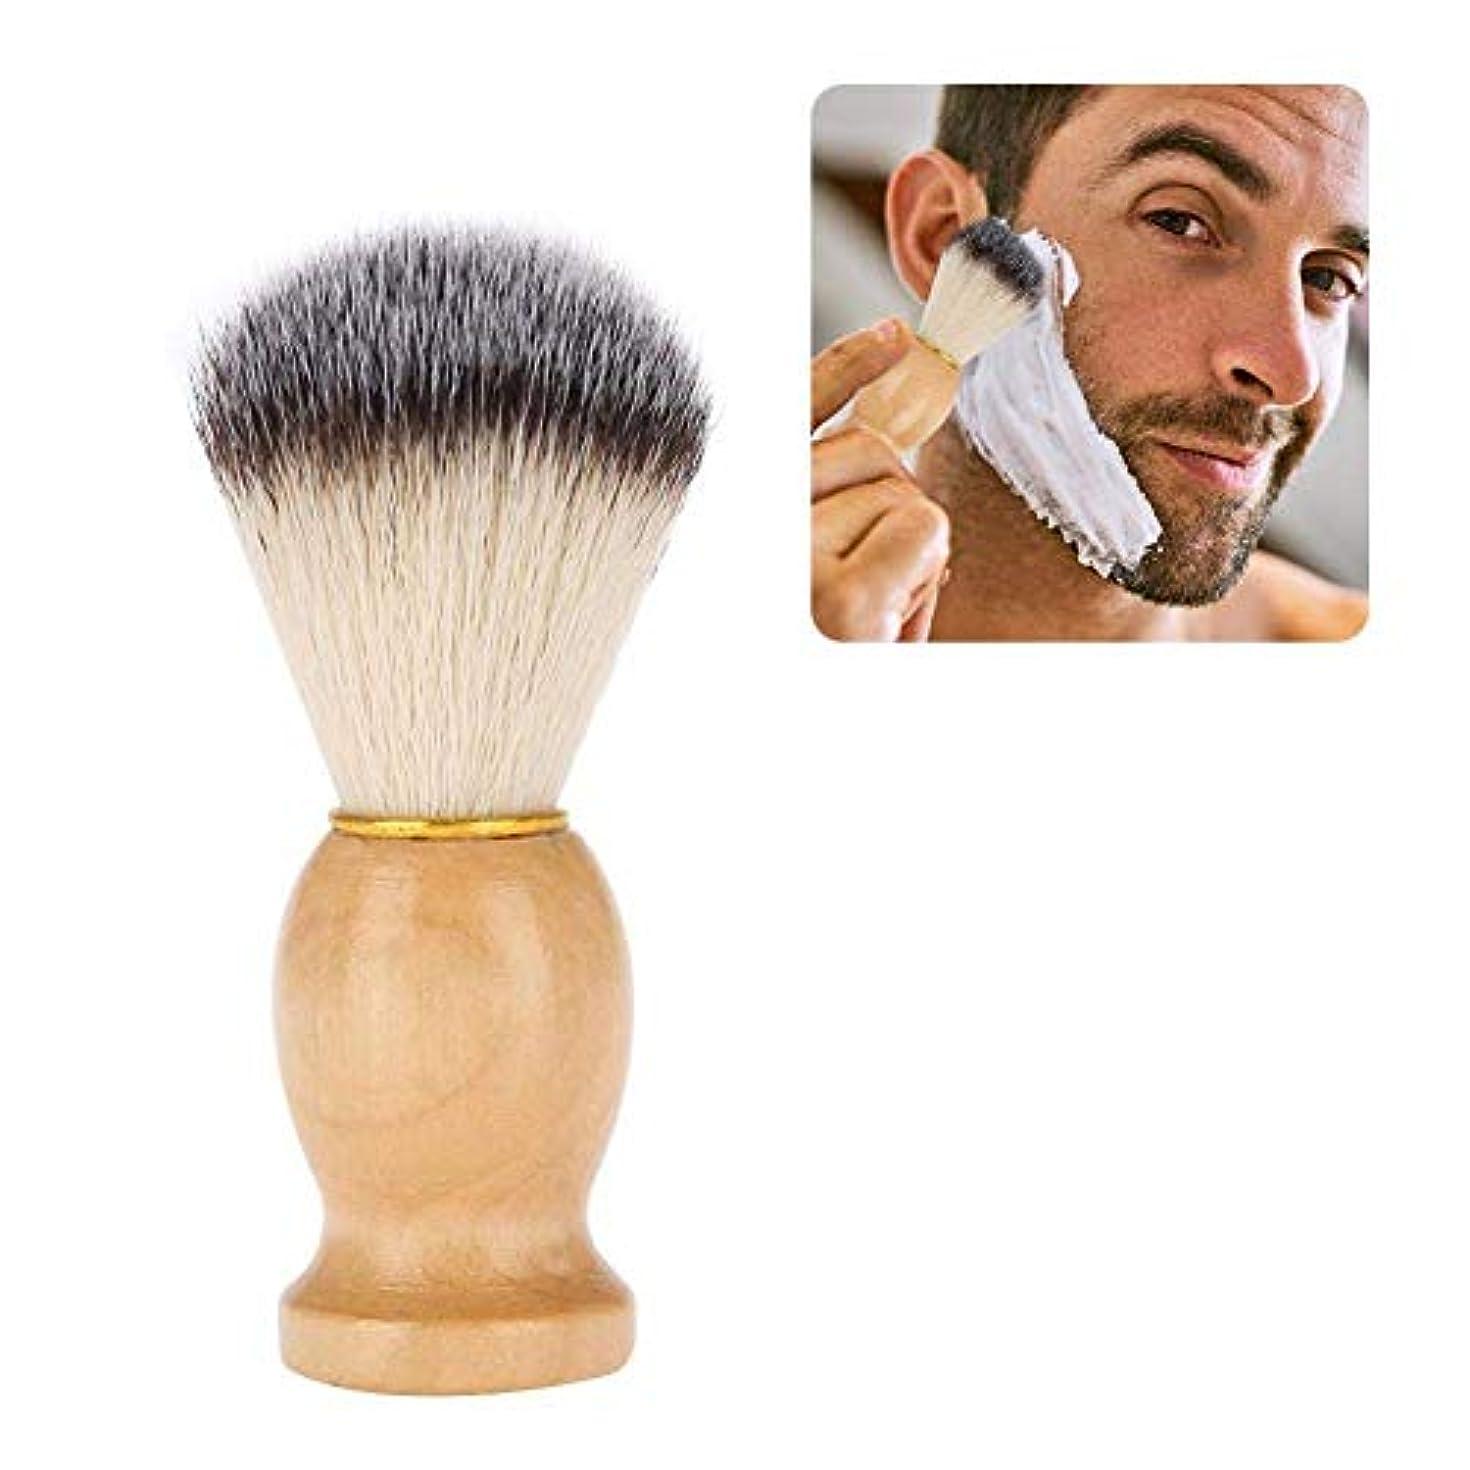 カカドゥピラミッド岸1個 シェービングブラシ 髭剃り メンズ ポータブルひげ剃り美容ツール